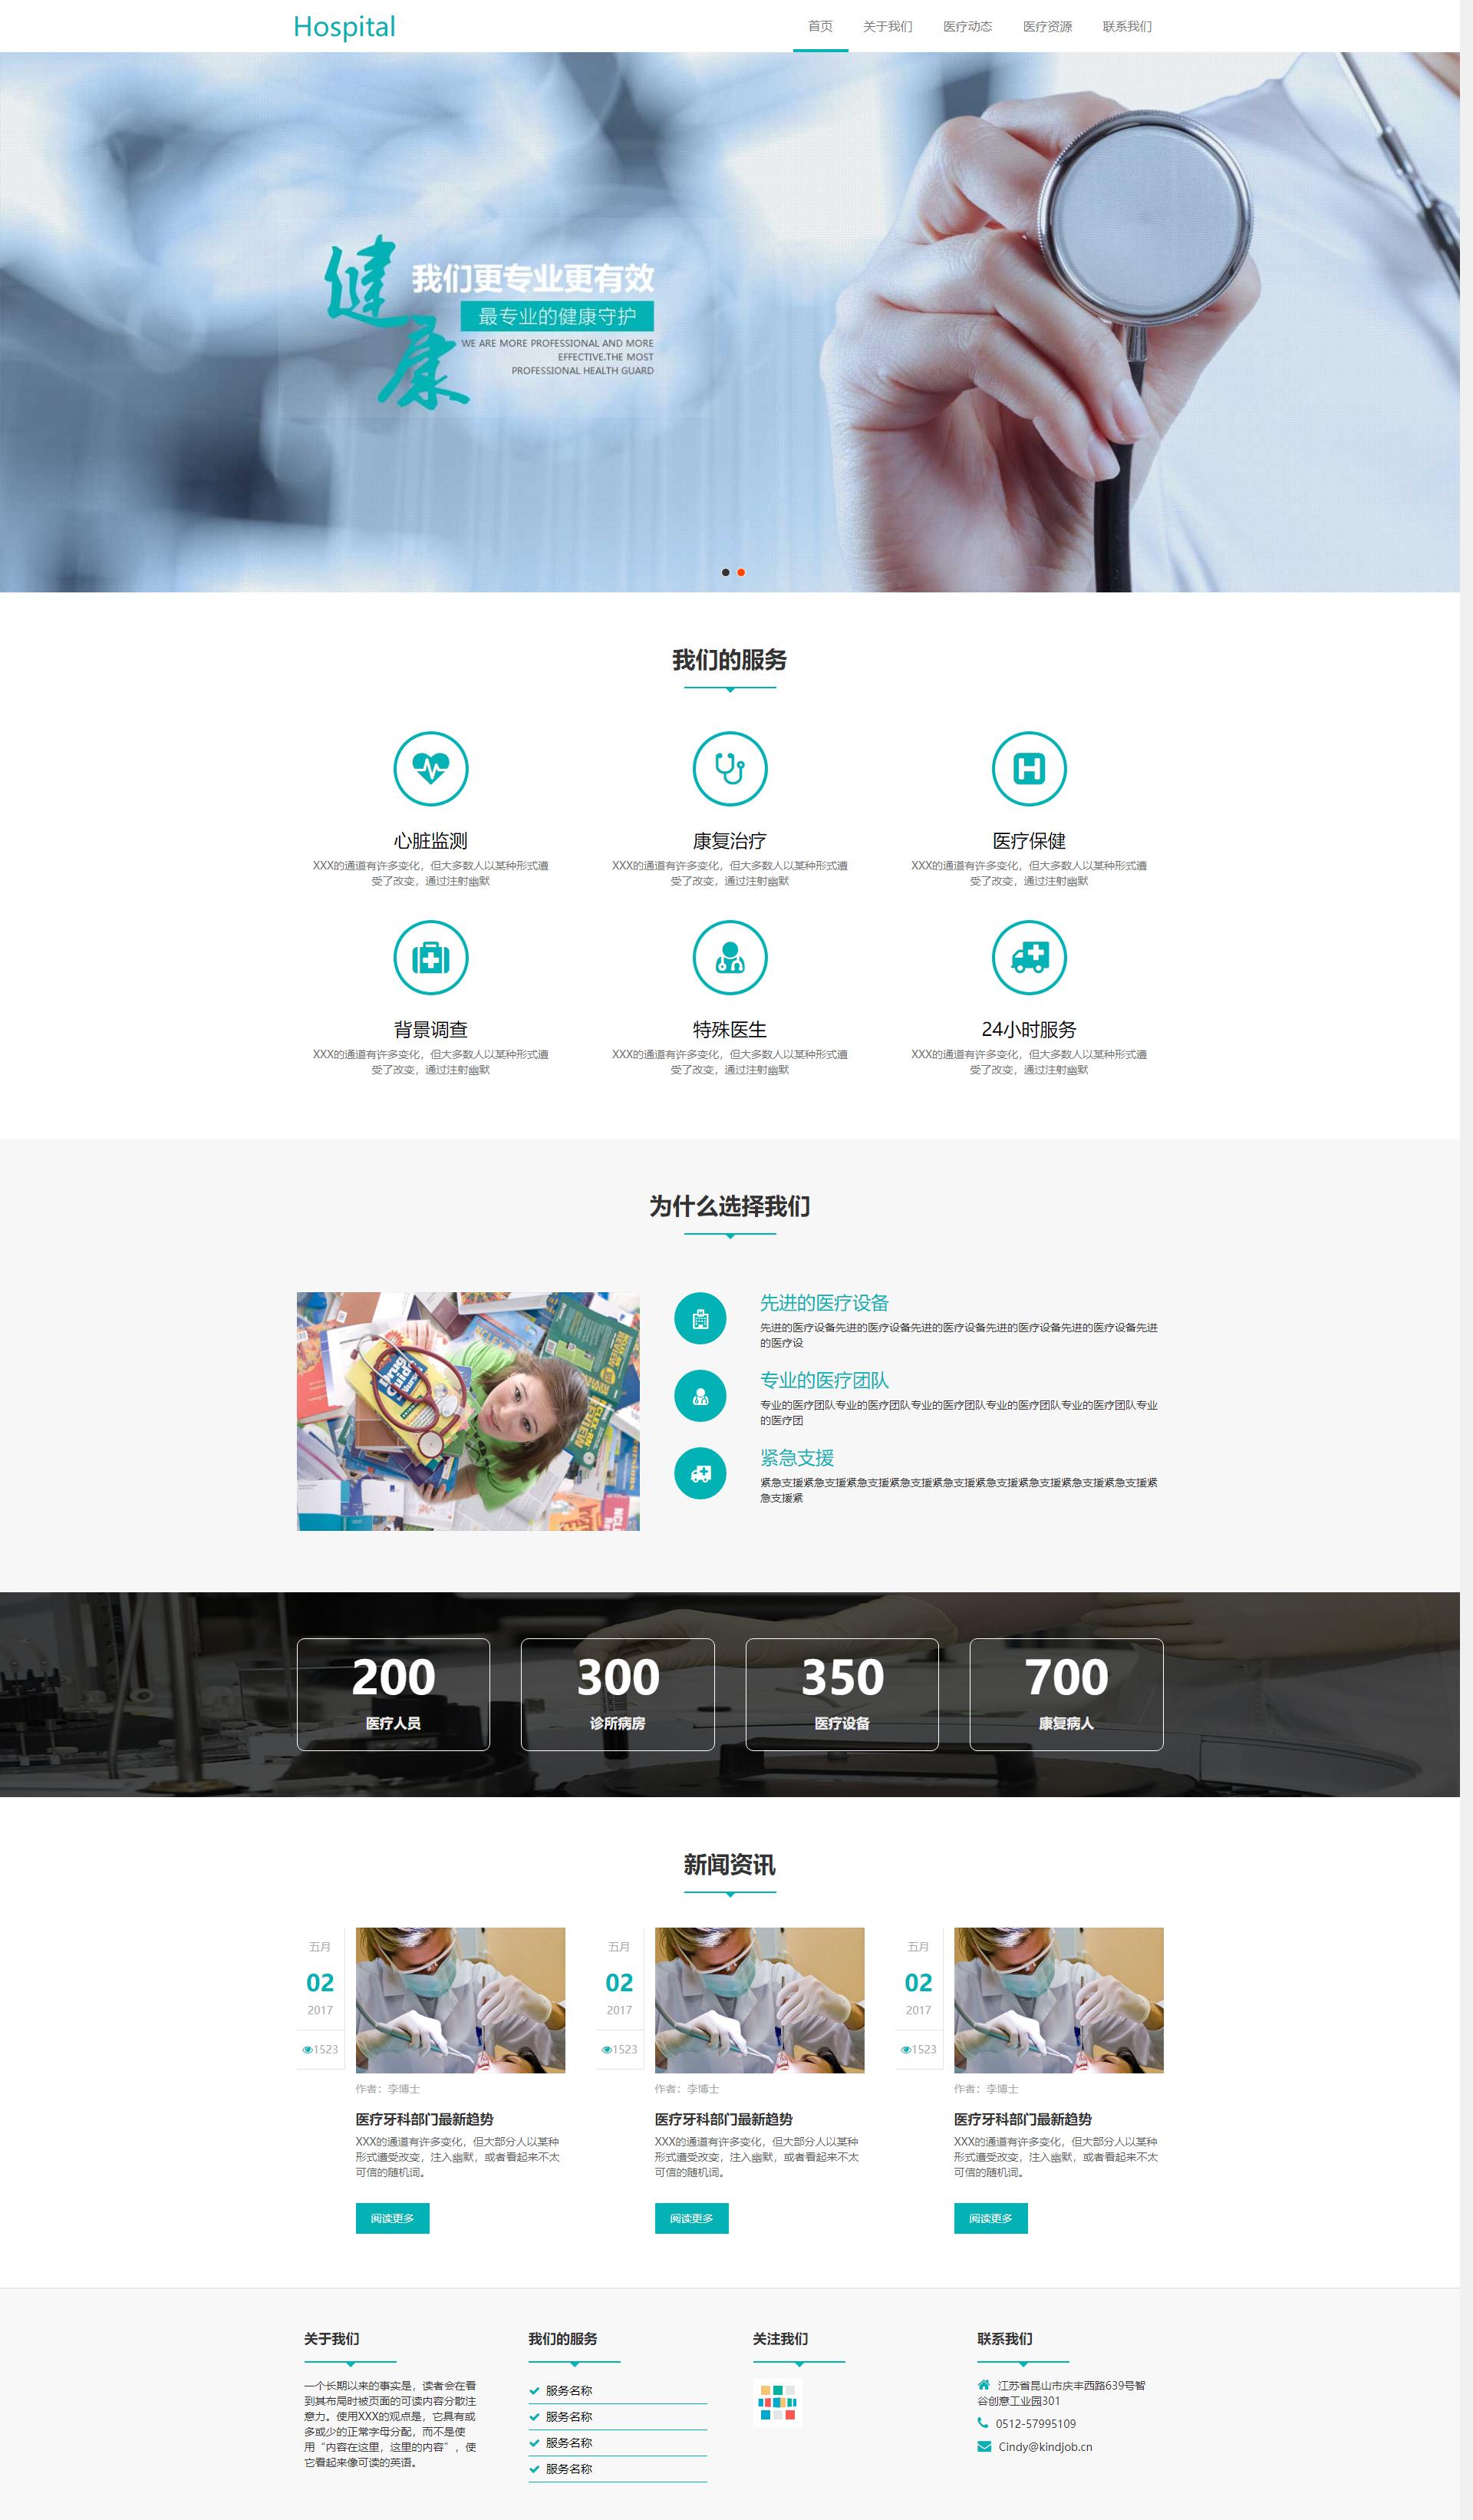 大气的医院医疗健康行业网站模板